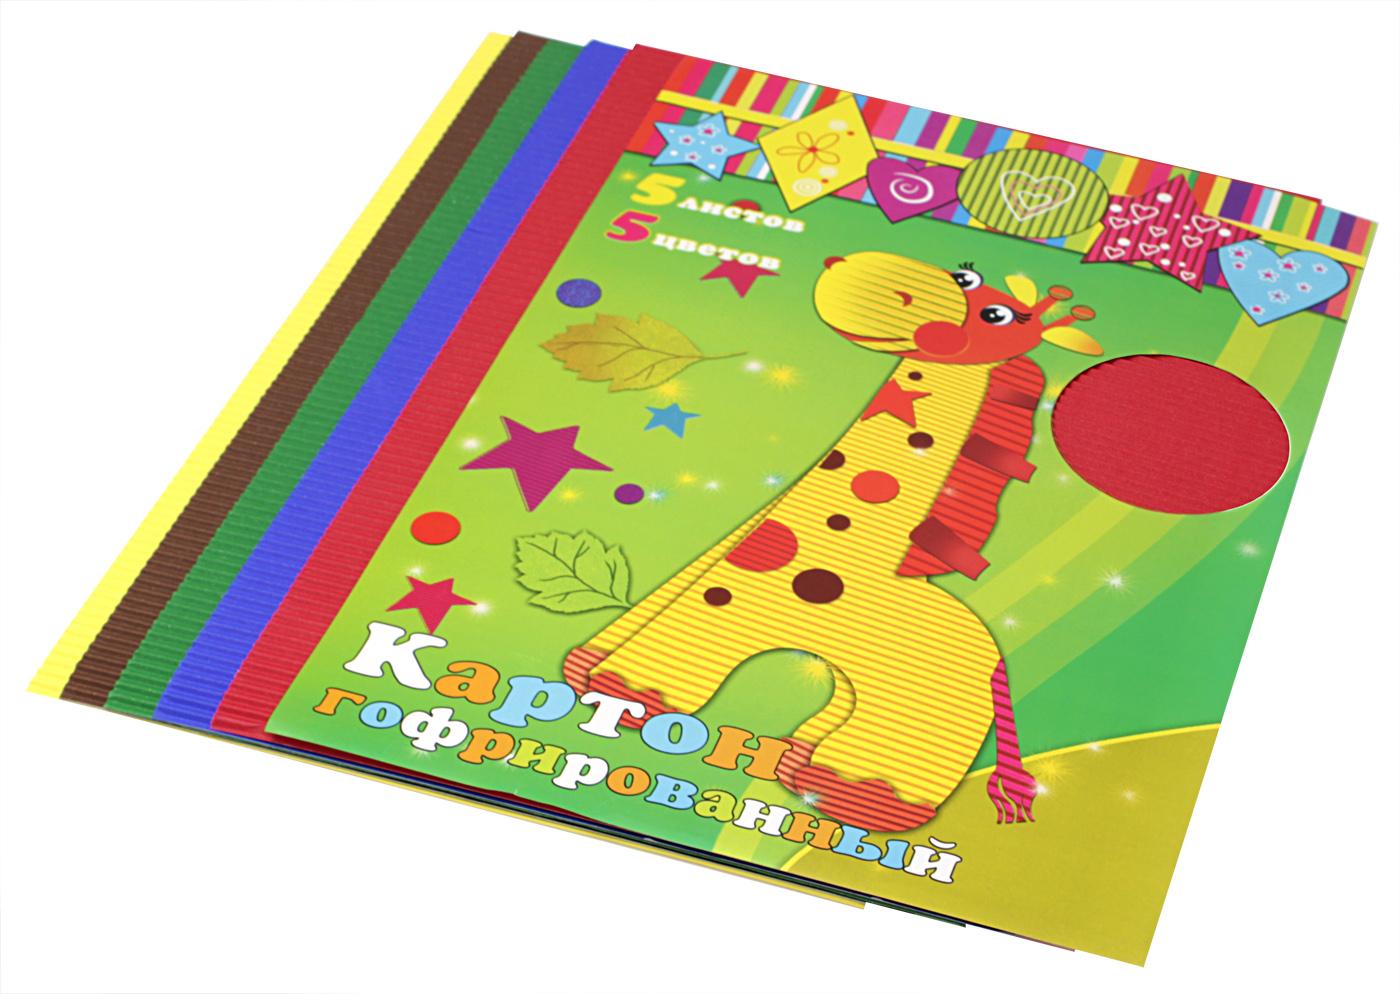 Феникс+ Картон для хобби и рукоделия гофрированный формат А4 5 листов24398Картон цветной гофрированный. Двусторонний. Формат: А4 Количество листов: 5 Количество цветов: 5 Наименование цветов: малиновый, оранжевый, желтый, зеленый, синий. Толщина картона 1 мм.